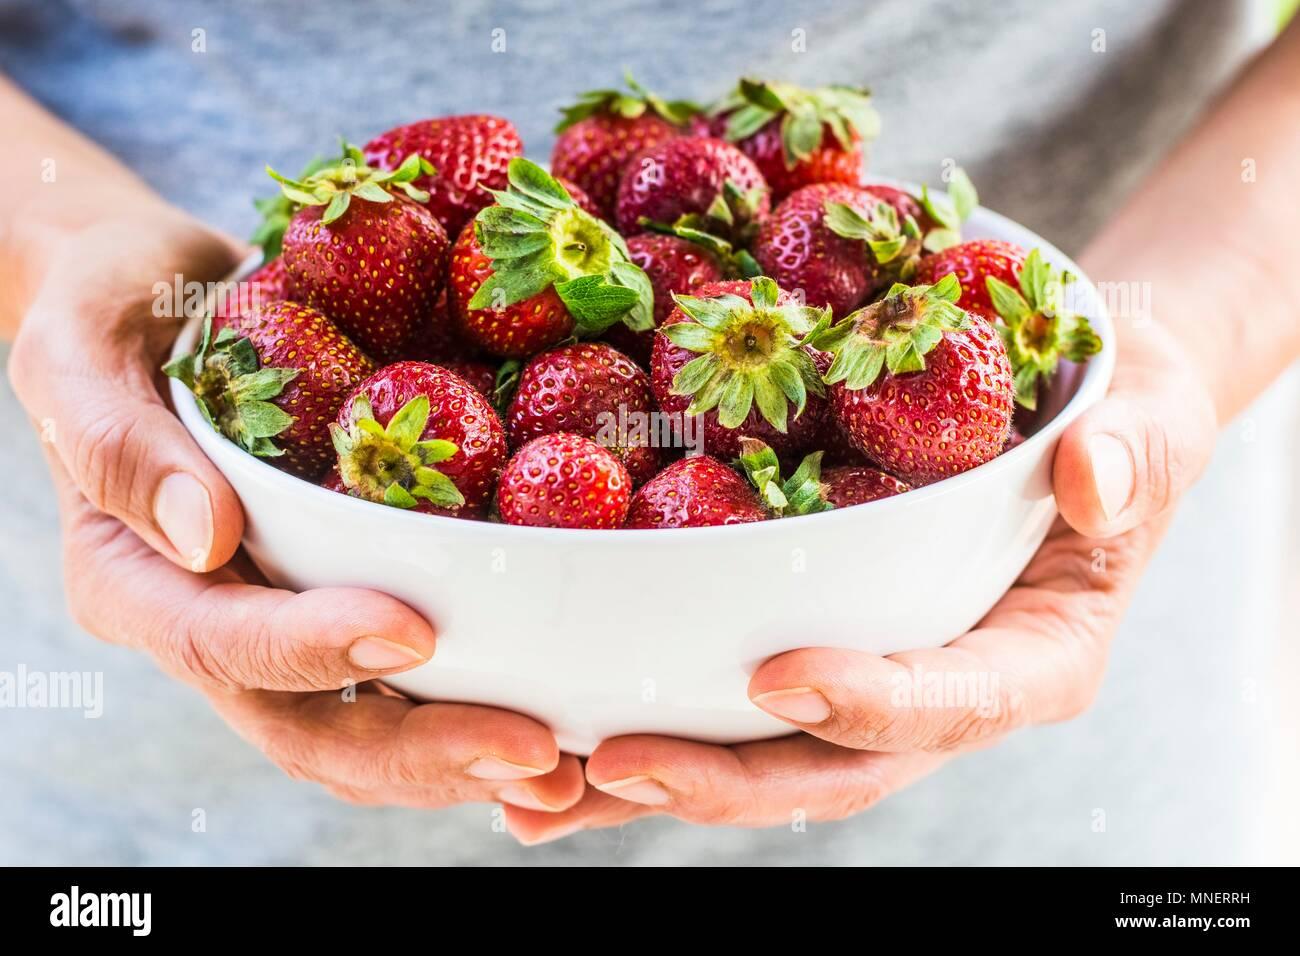 Manos sosteniendo el tazón de fresas frescas Imagen De Stock